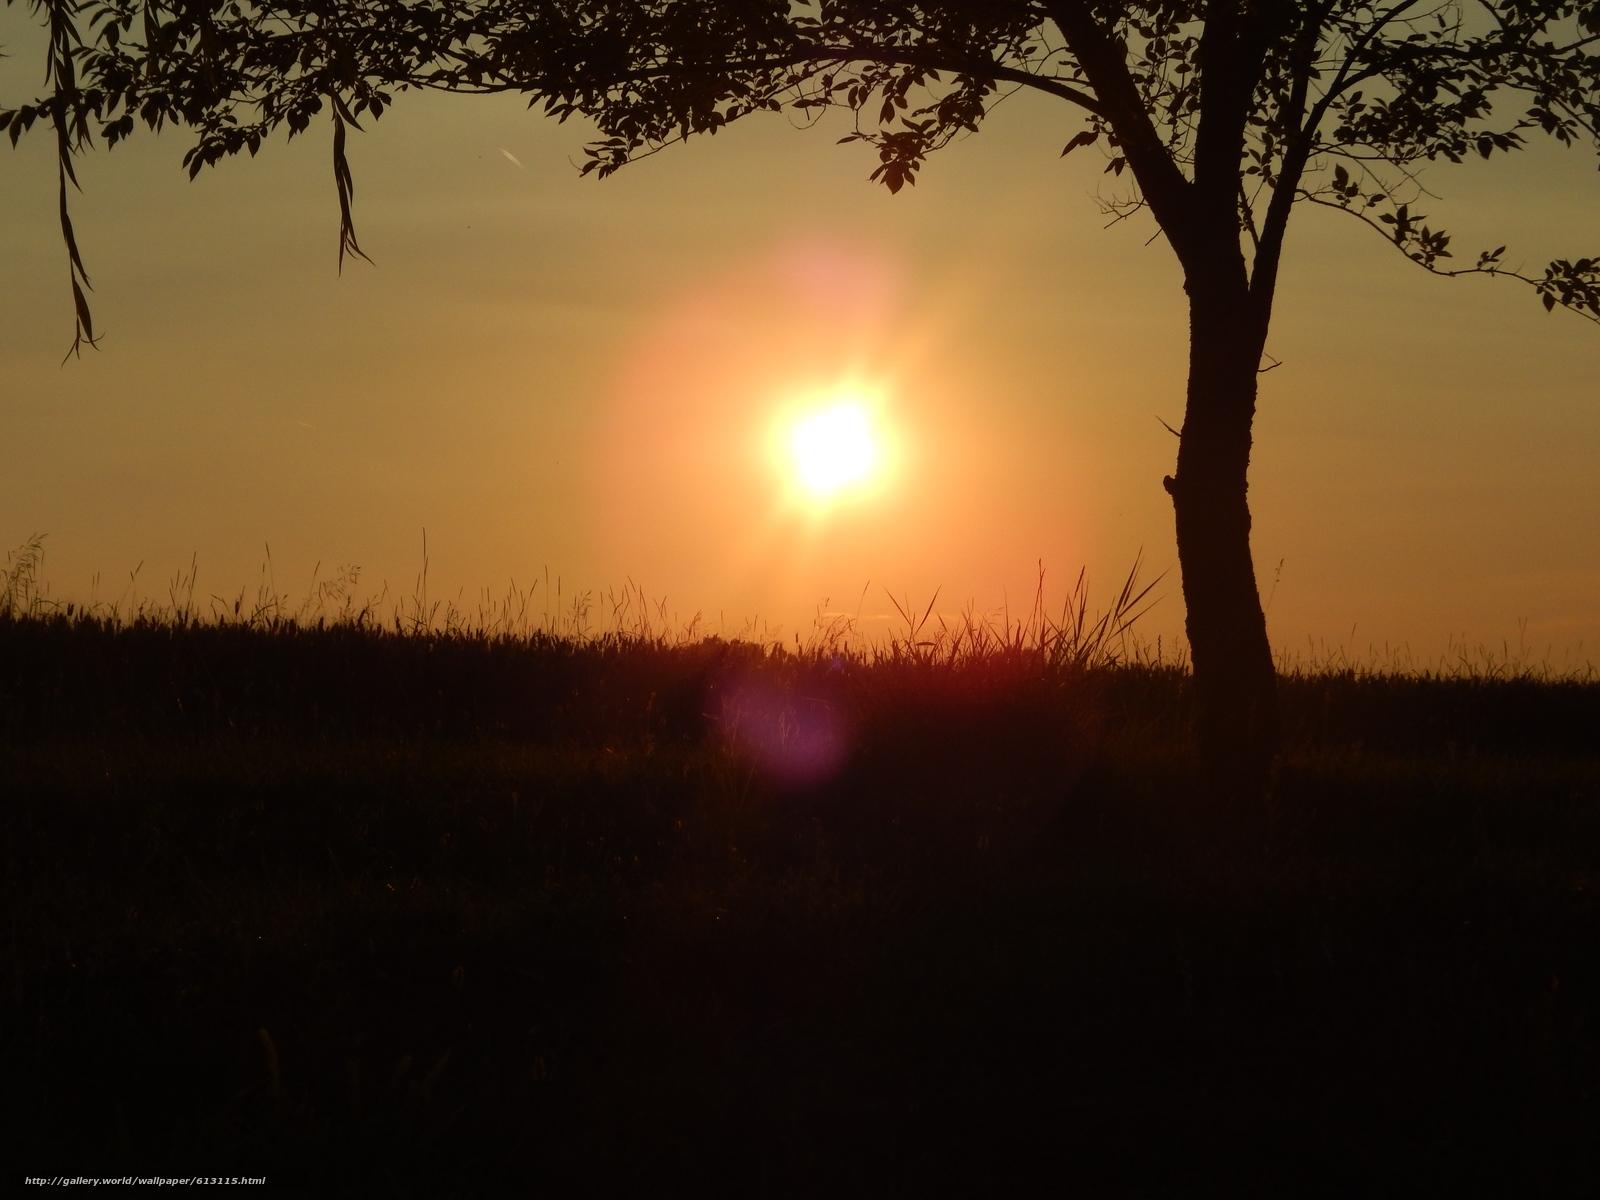 Tlcharger Fond d'ecran coucher du soleil,  Sun,  nature Fonds d'ecran gratuits pour votre rsolution du bureau 4608x3456 — image №613115